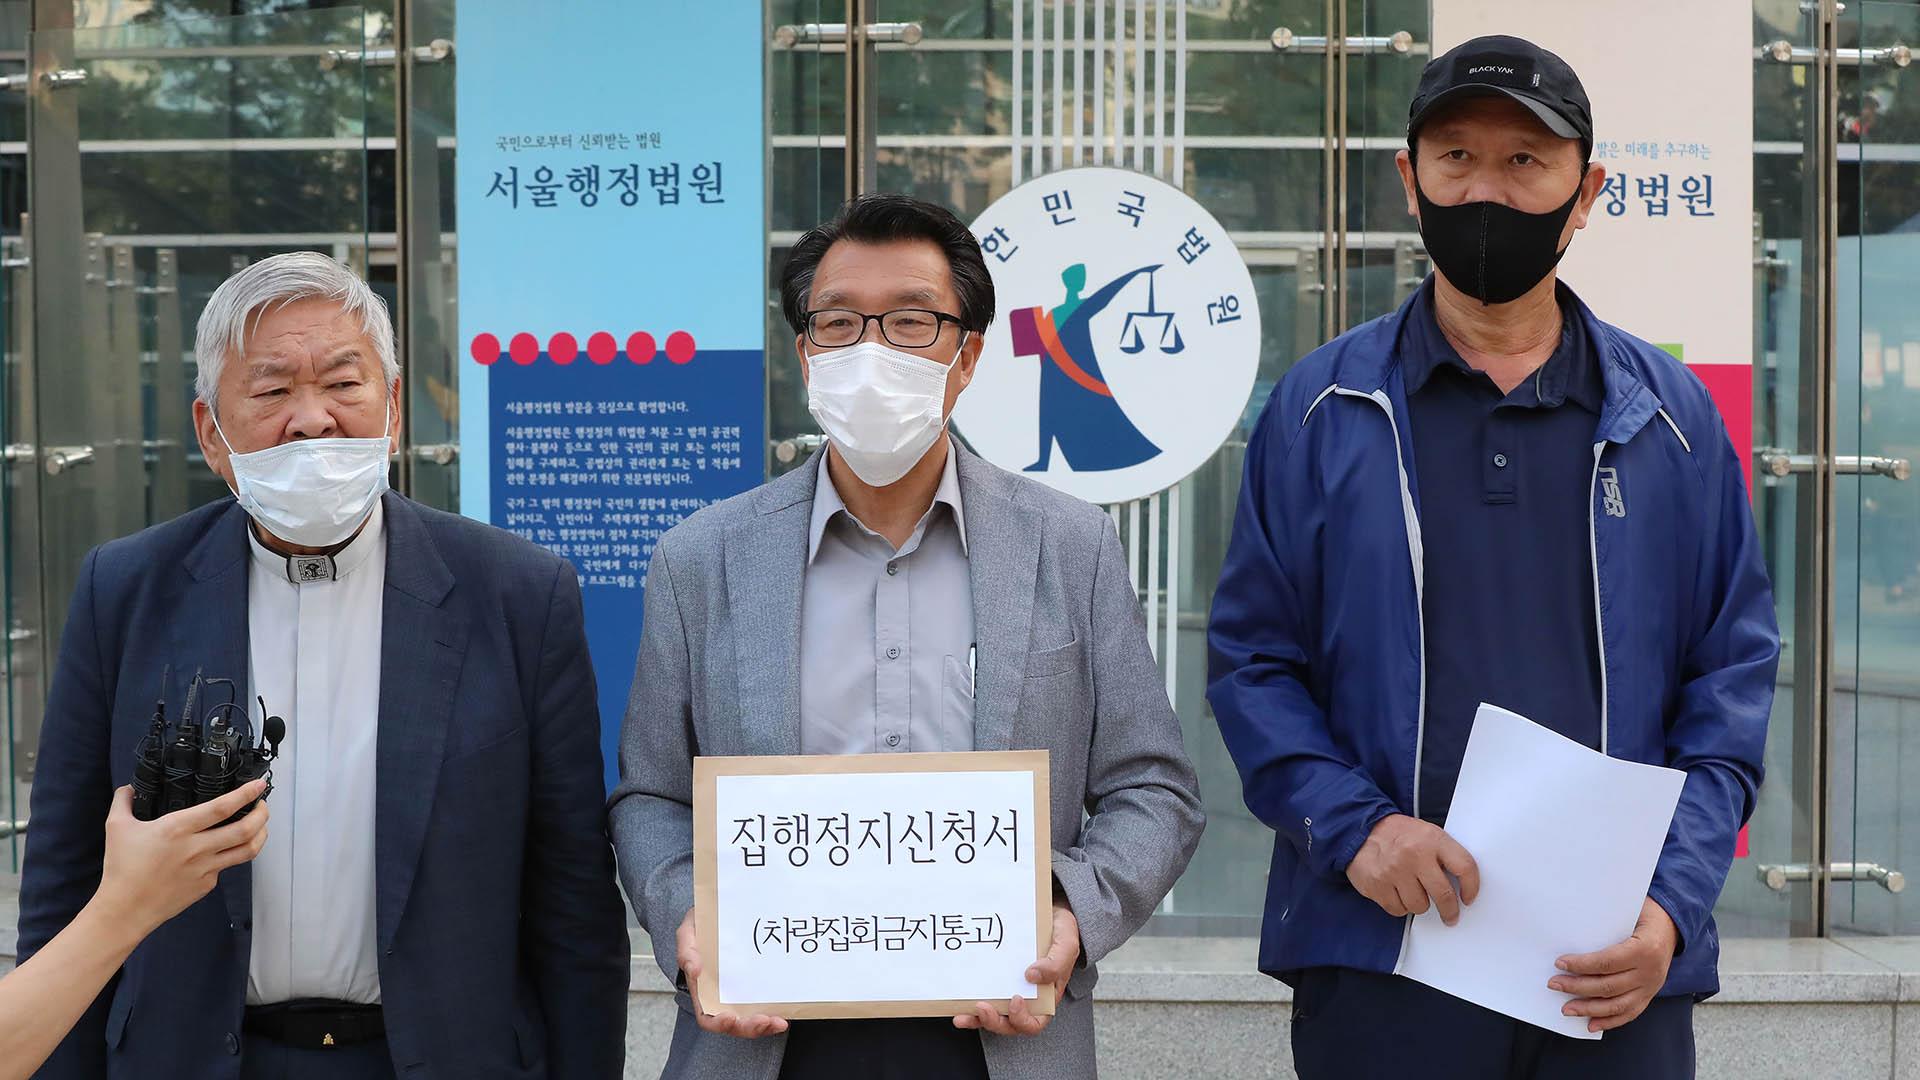 개천절 집회 또 행정소송…이번엔 '차량집회'